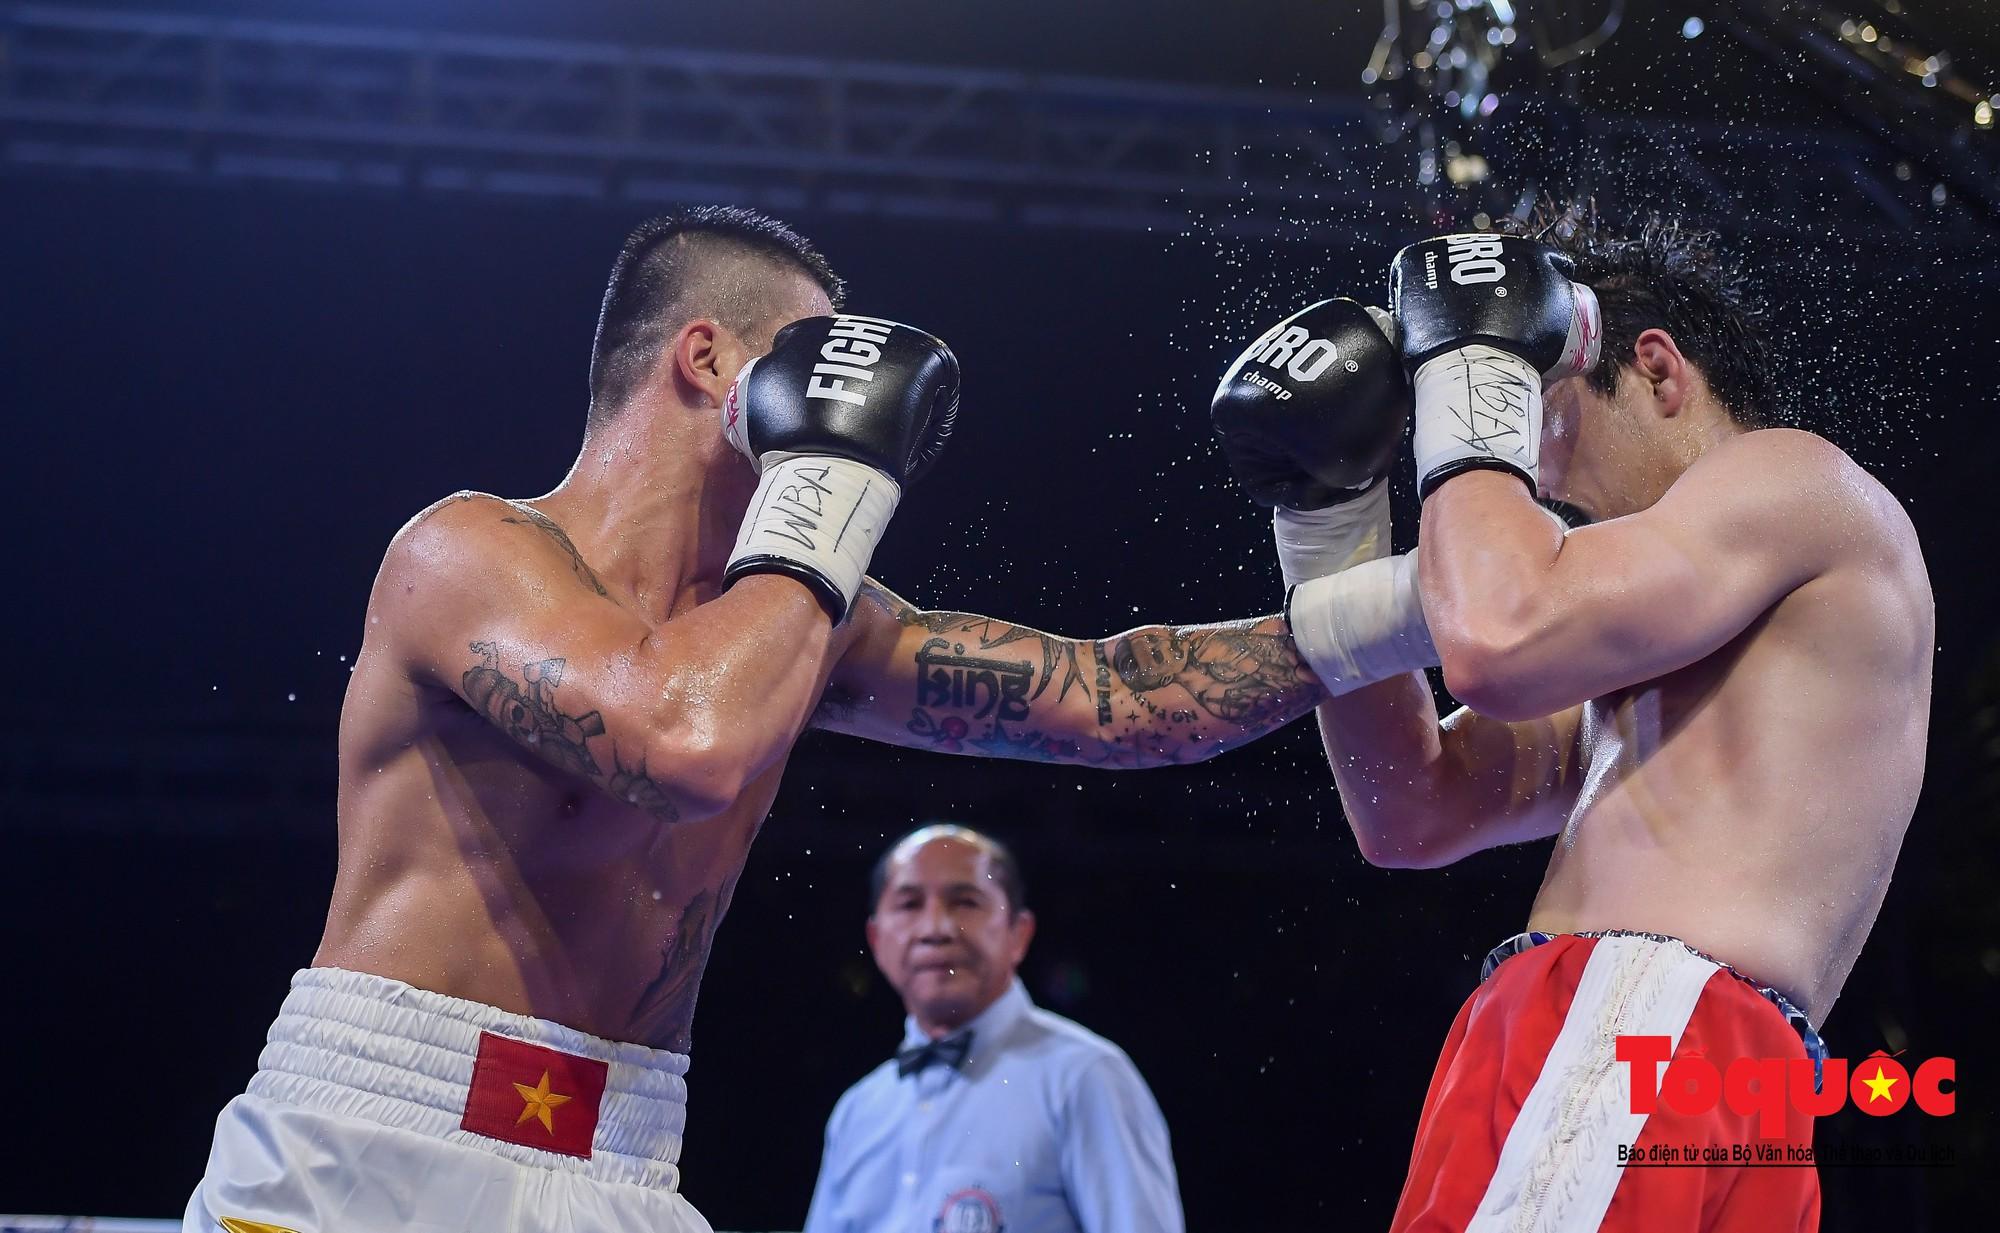 Trương Đình Hoàng giúp quyền Anh Việt Nam lần đầu giành đai WBA Đông Á18